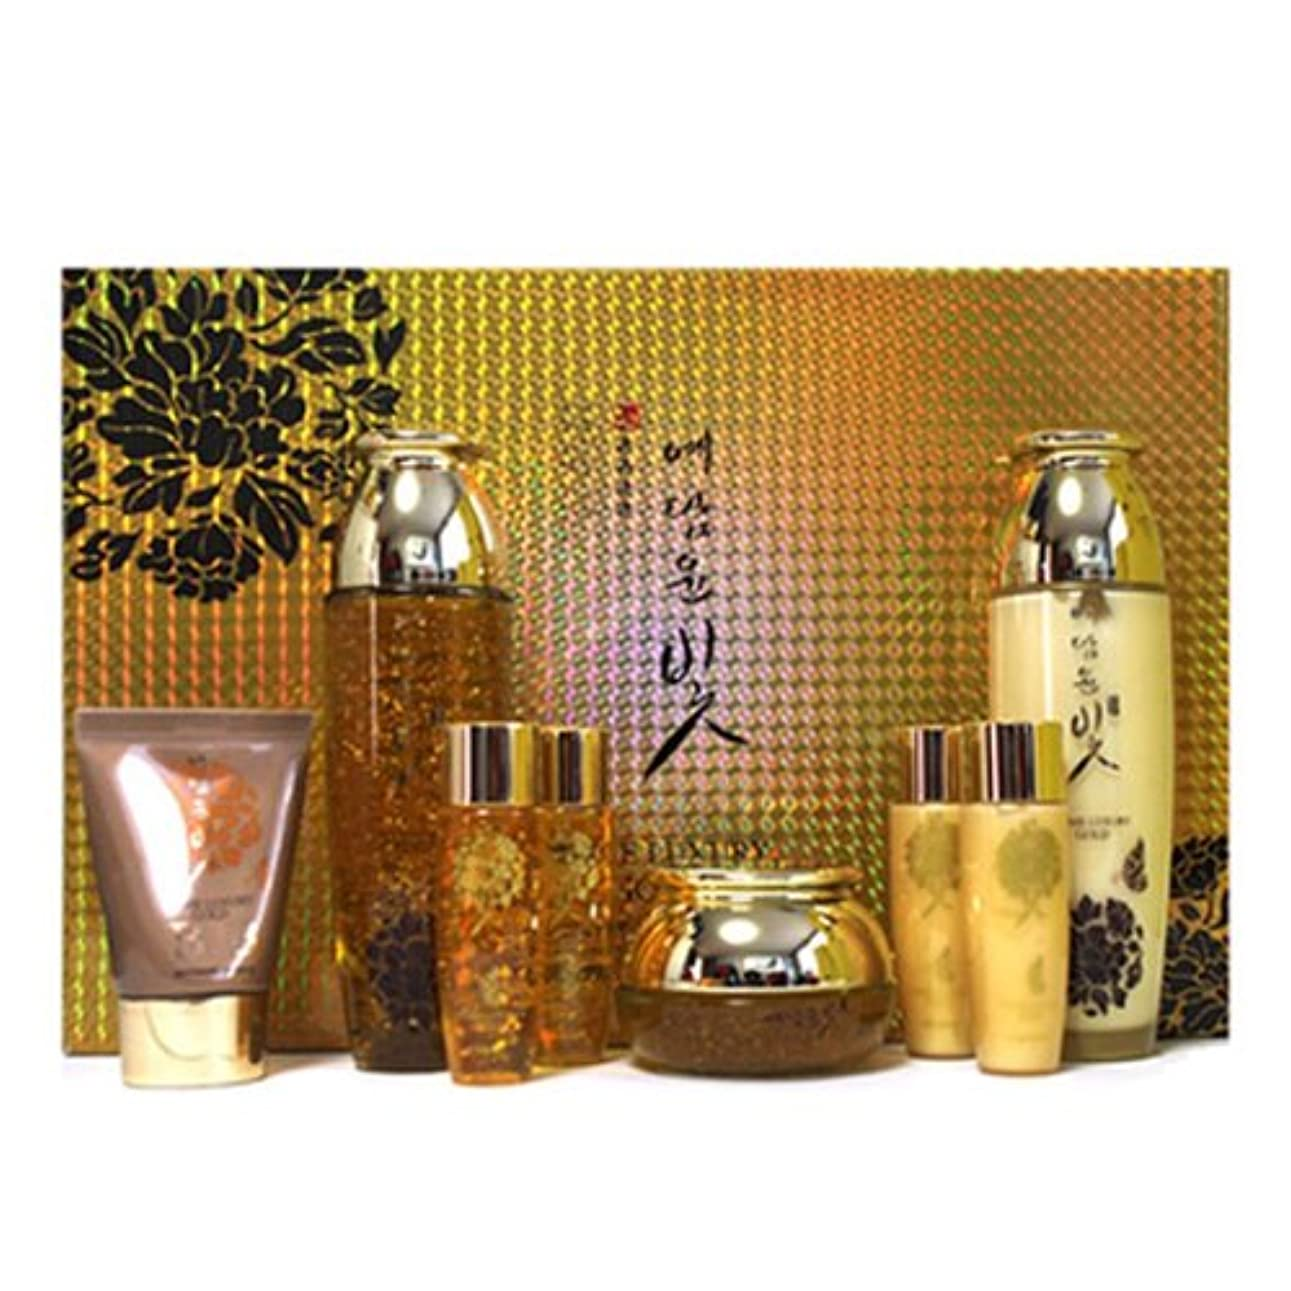 減衰繊毛集計イェダムユンビト[韓国コスメYedam Yun Bit]Prime Luxury Gold Skin Care Set プライムラグジュアリーゴールドスキンケア4セット 樹液 乳液 クリーム/ BBクリーム [並行輸入品]